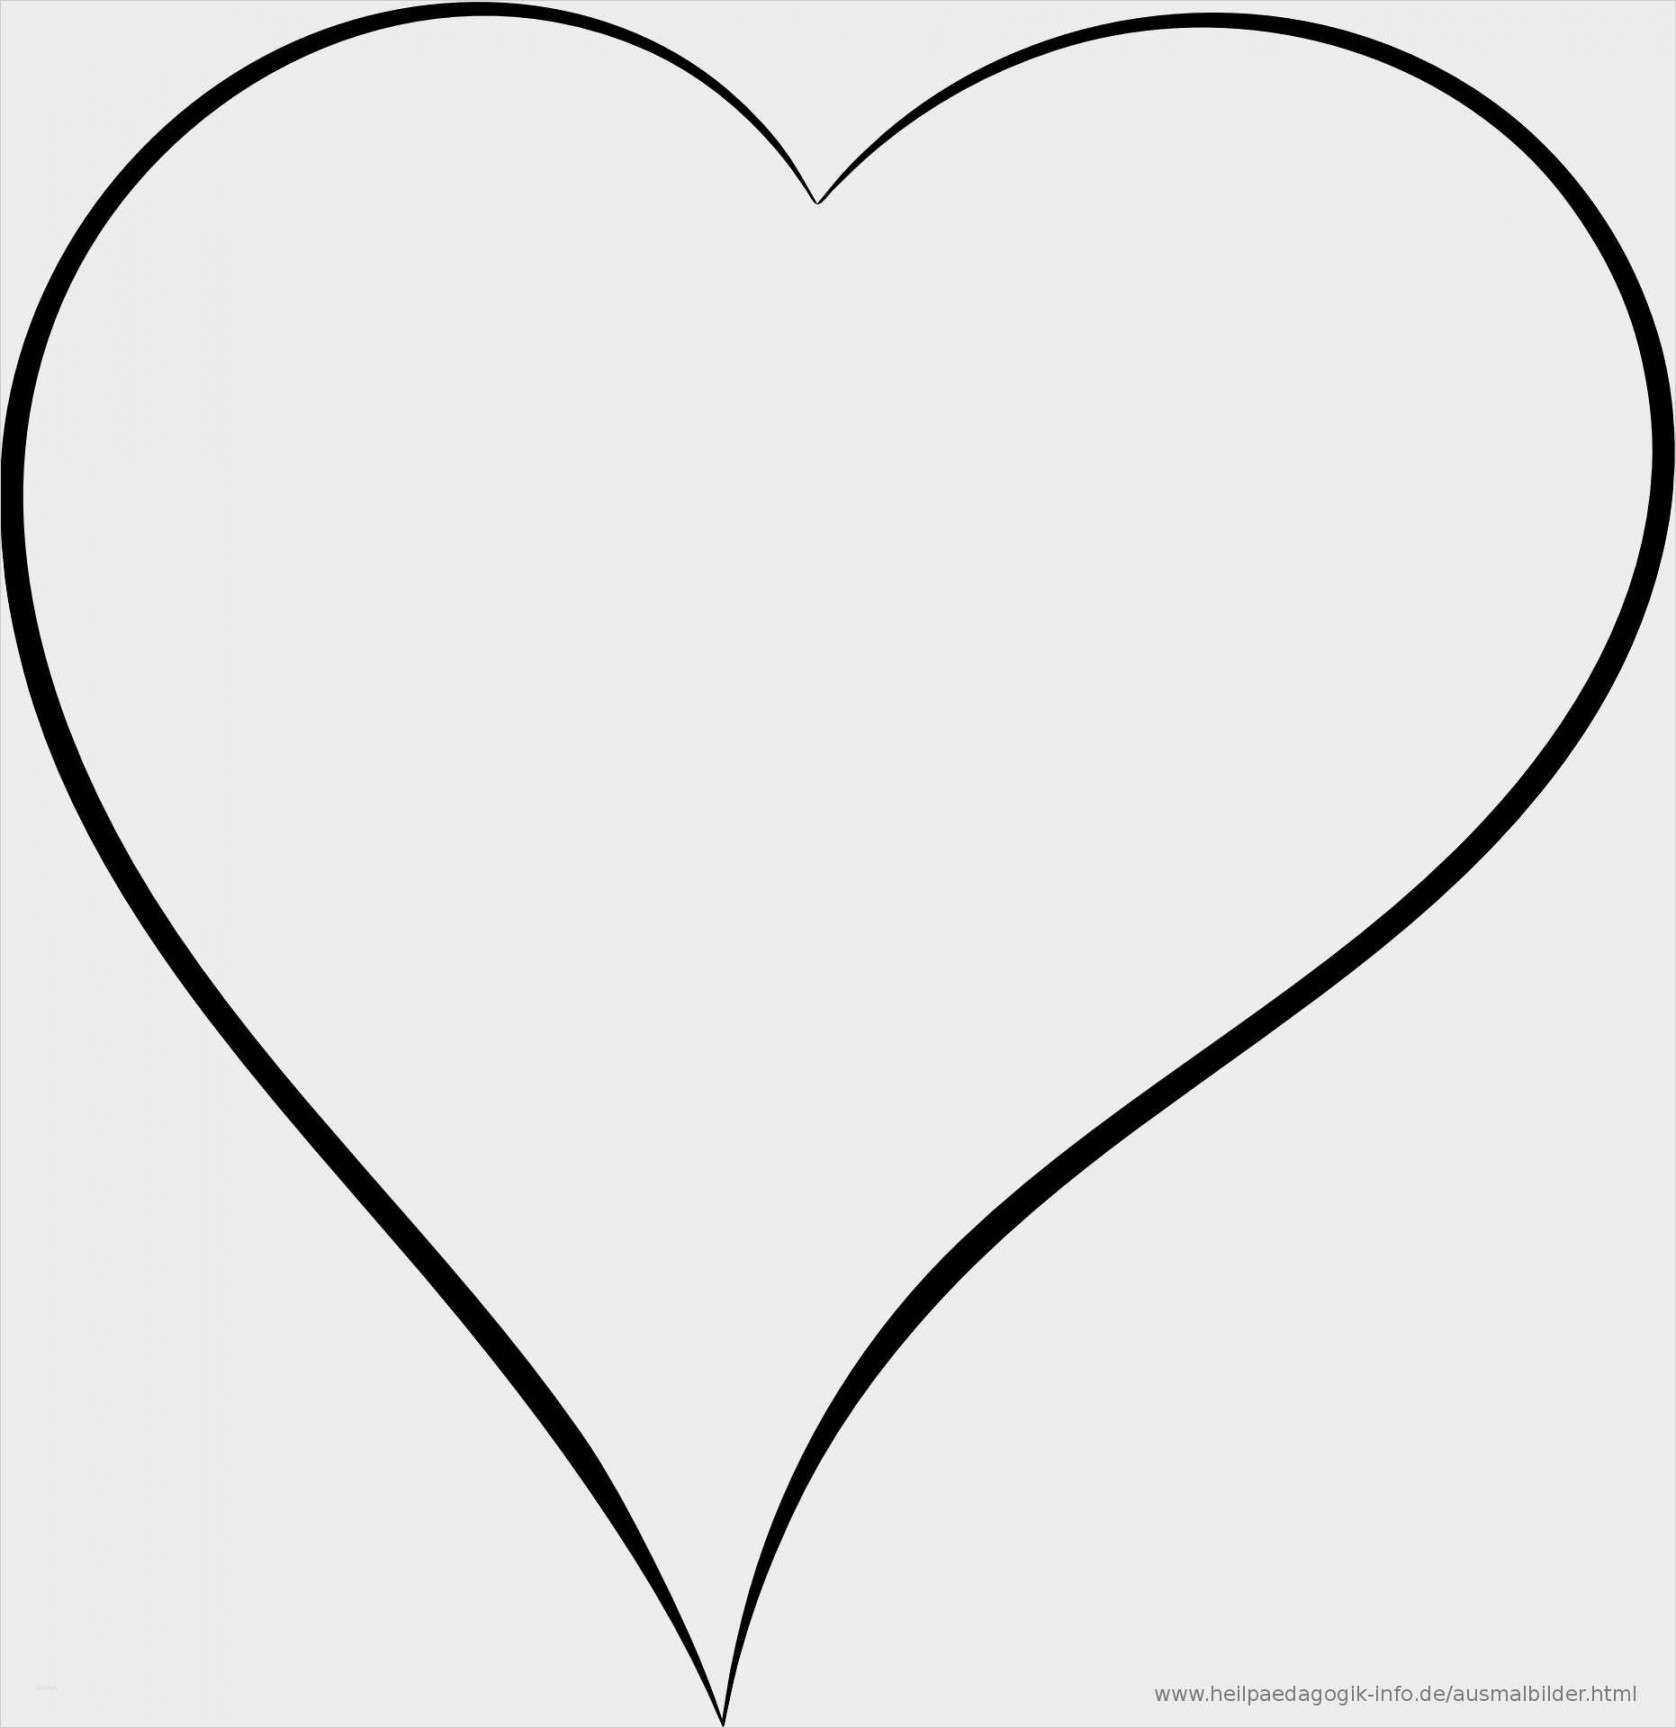 Luxurios Herz Ausdrucken New Herz Vorlage Zum Drucken Neu Herz Vorlage Zum Herz Vorlage Herzschablone Ausdrucken